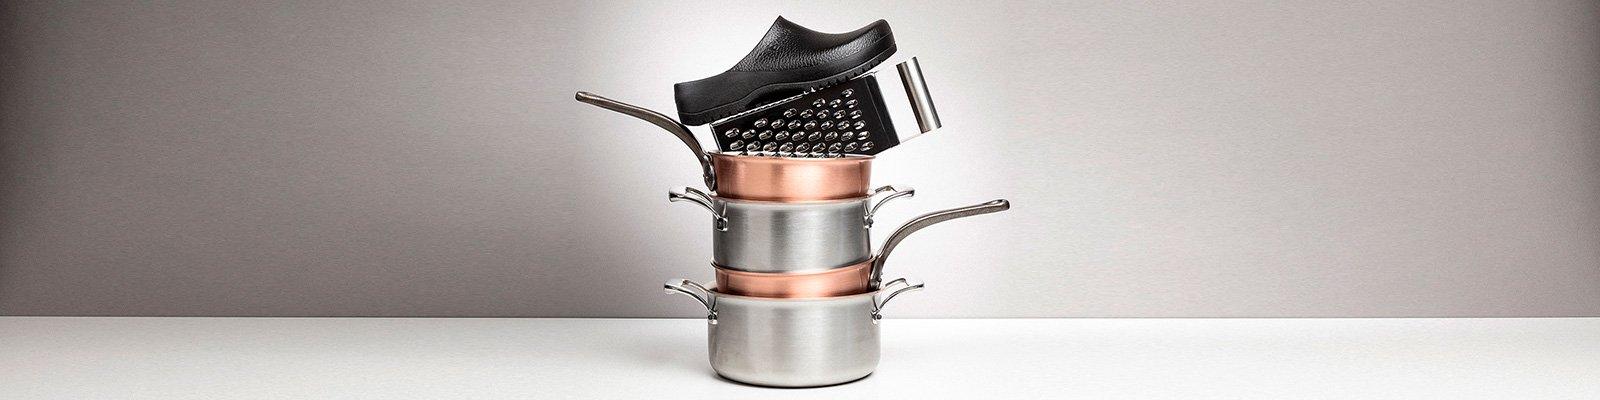 корица на професионални работни обувки BirkenStock с тенджери и тигани